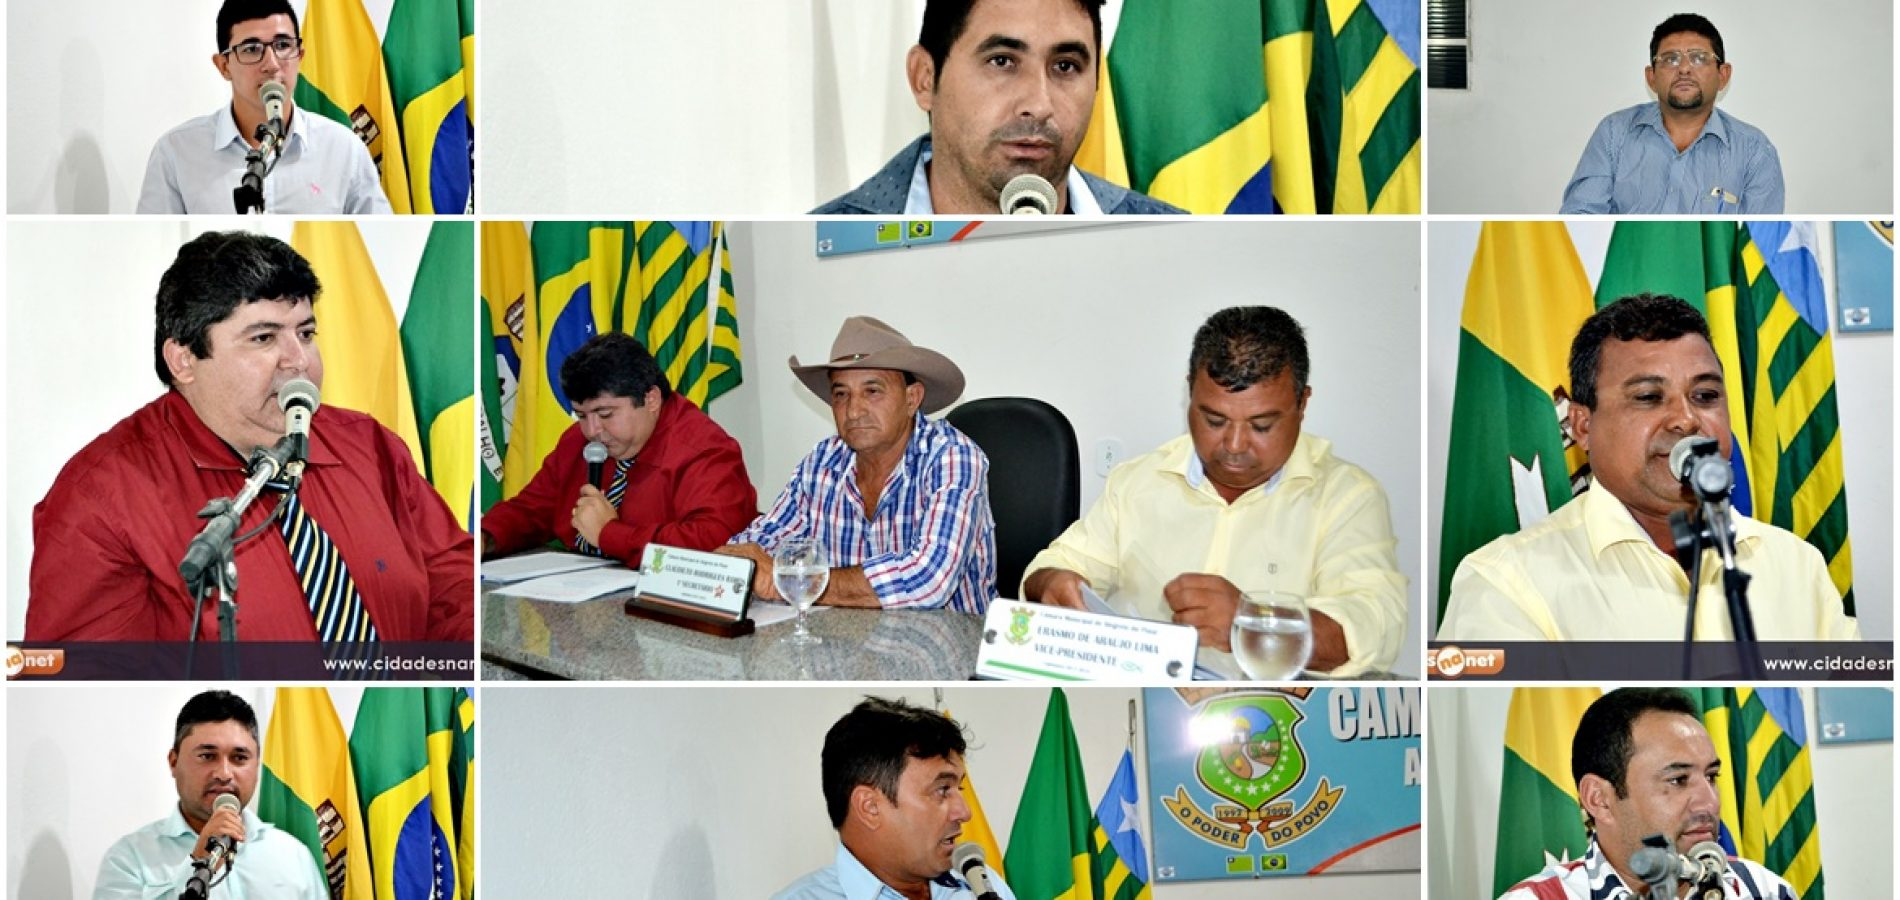 ALEGRETE | Câmara realiza quinta sessão ordinária e apresenta decreto de indicação de títulos de cidadania